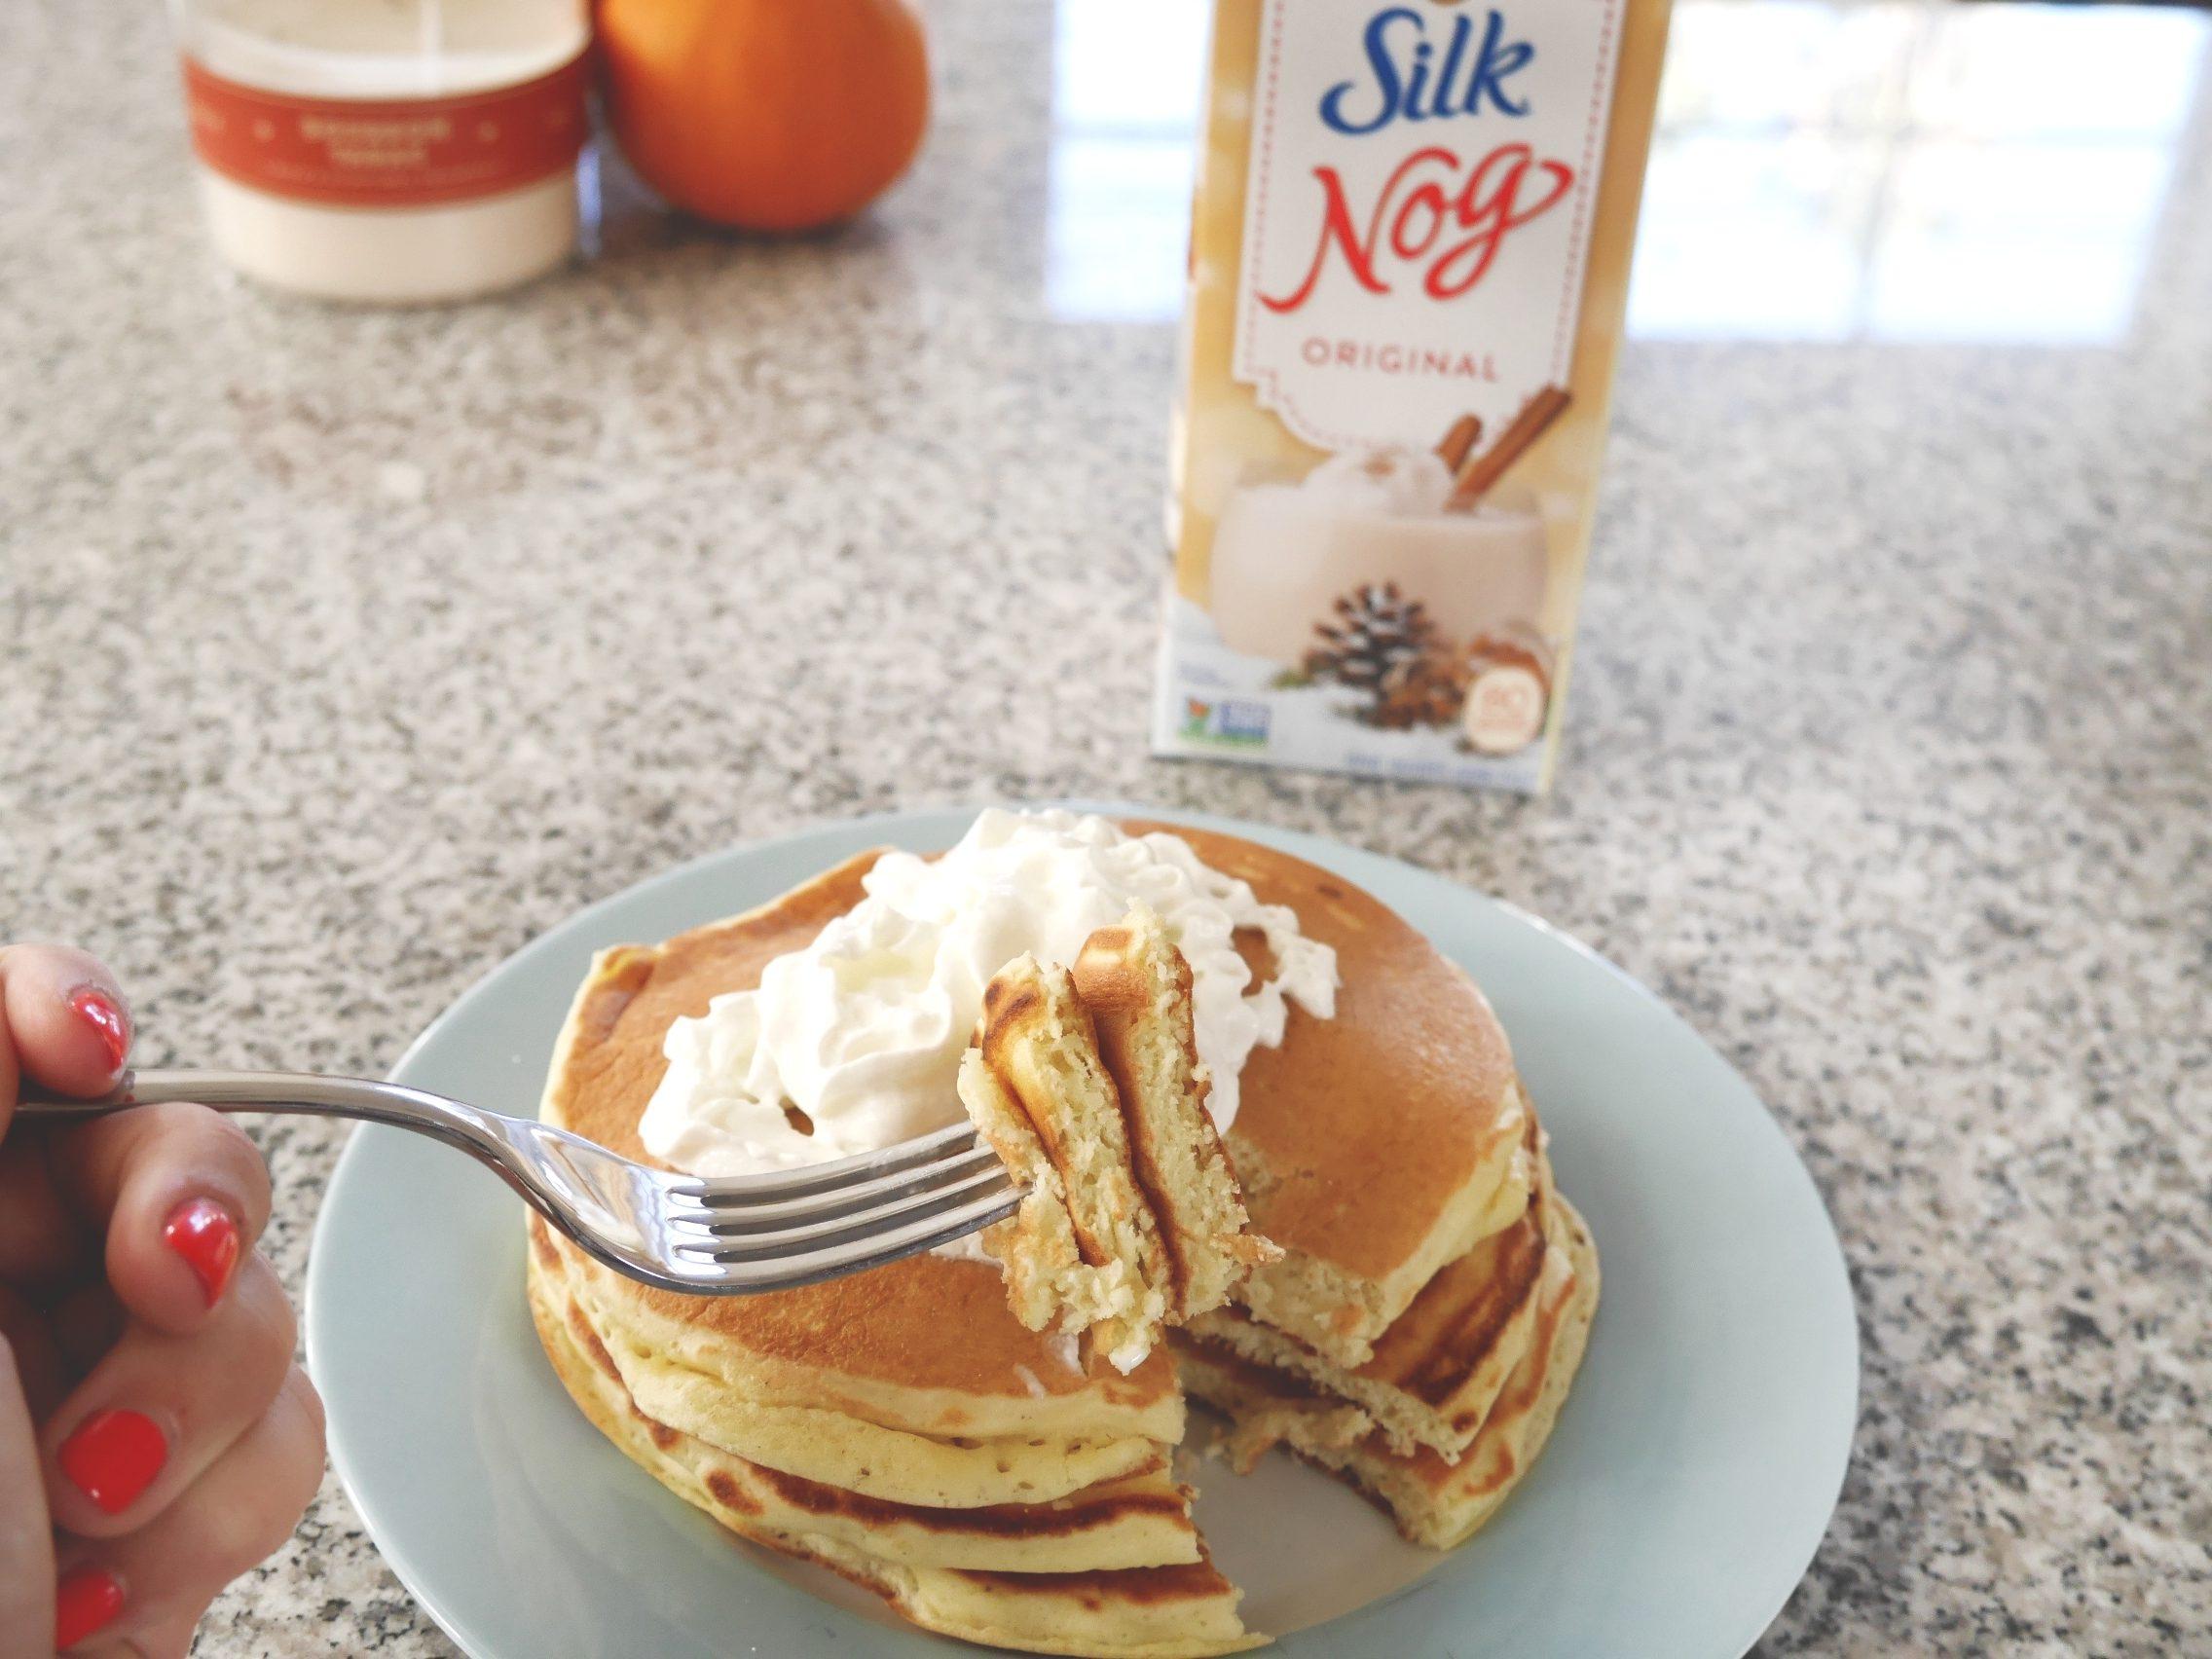 Silk Nog Pancakes